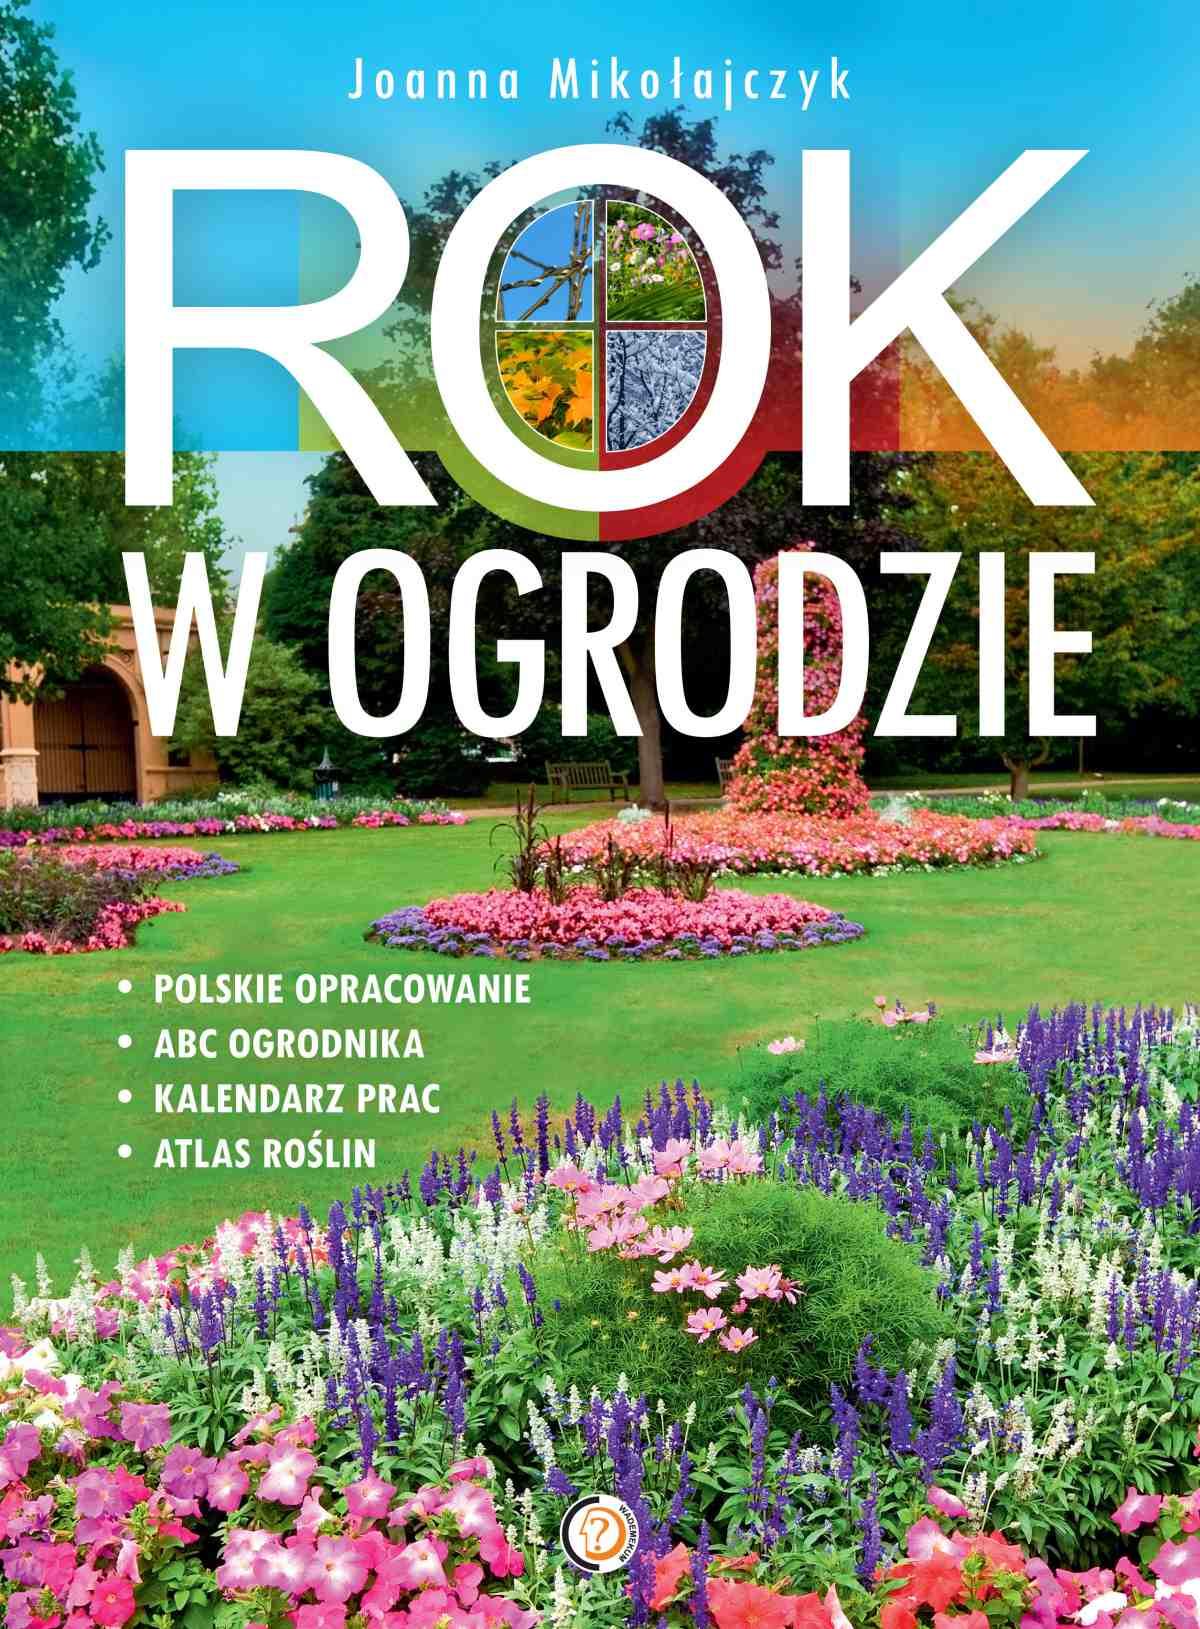 Rok w ogrodzie - Ebook (Książka PDF) do pobrania w formacie PDF